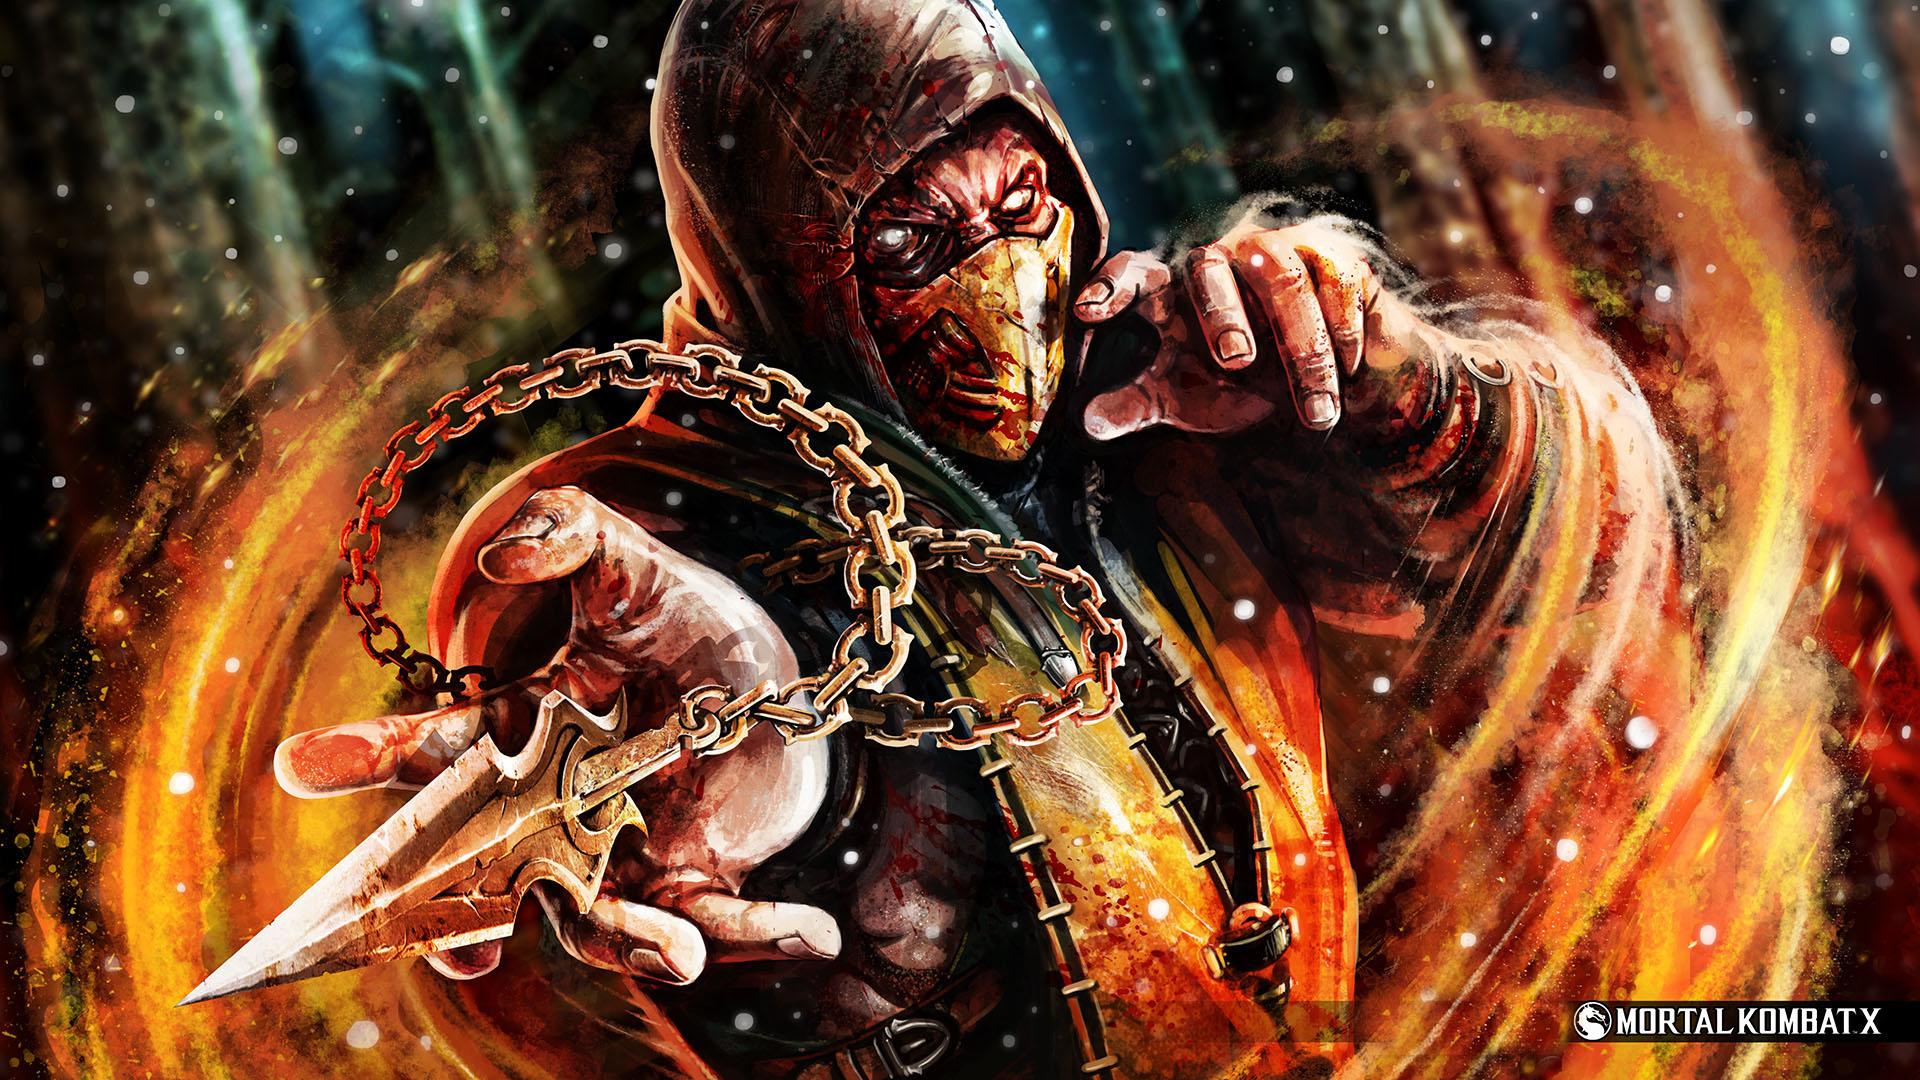 Mortal Kombat X Wallpaper 1920x1080